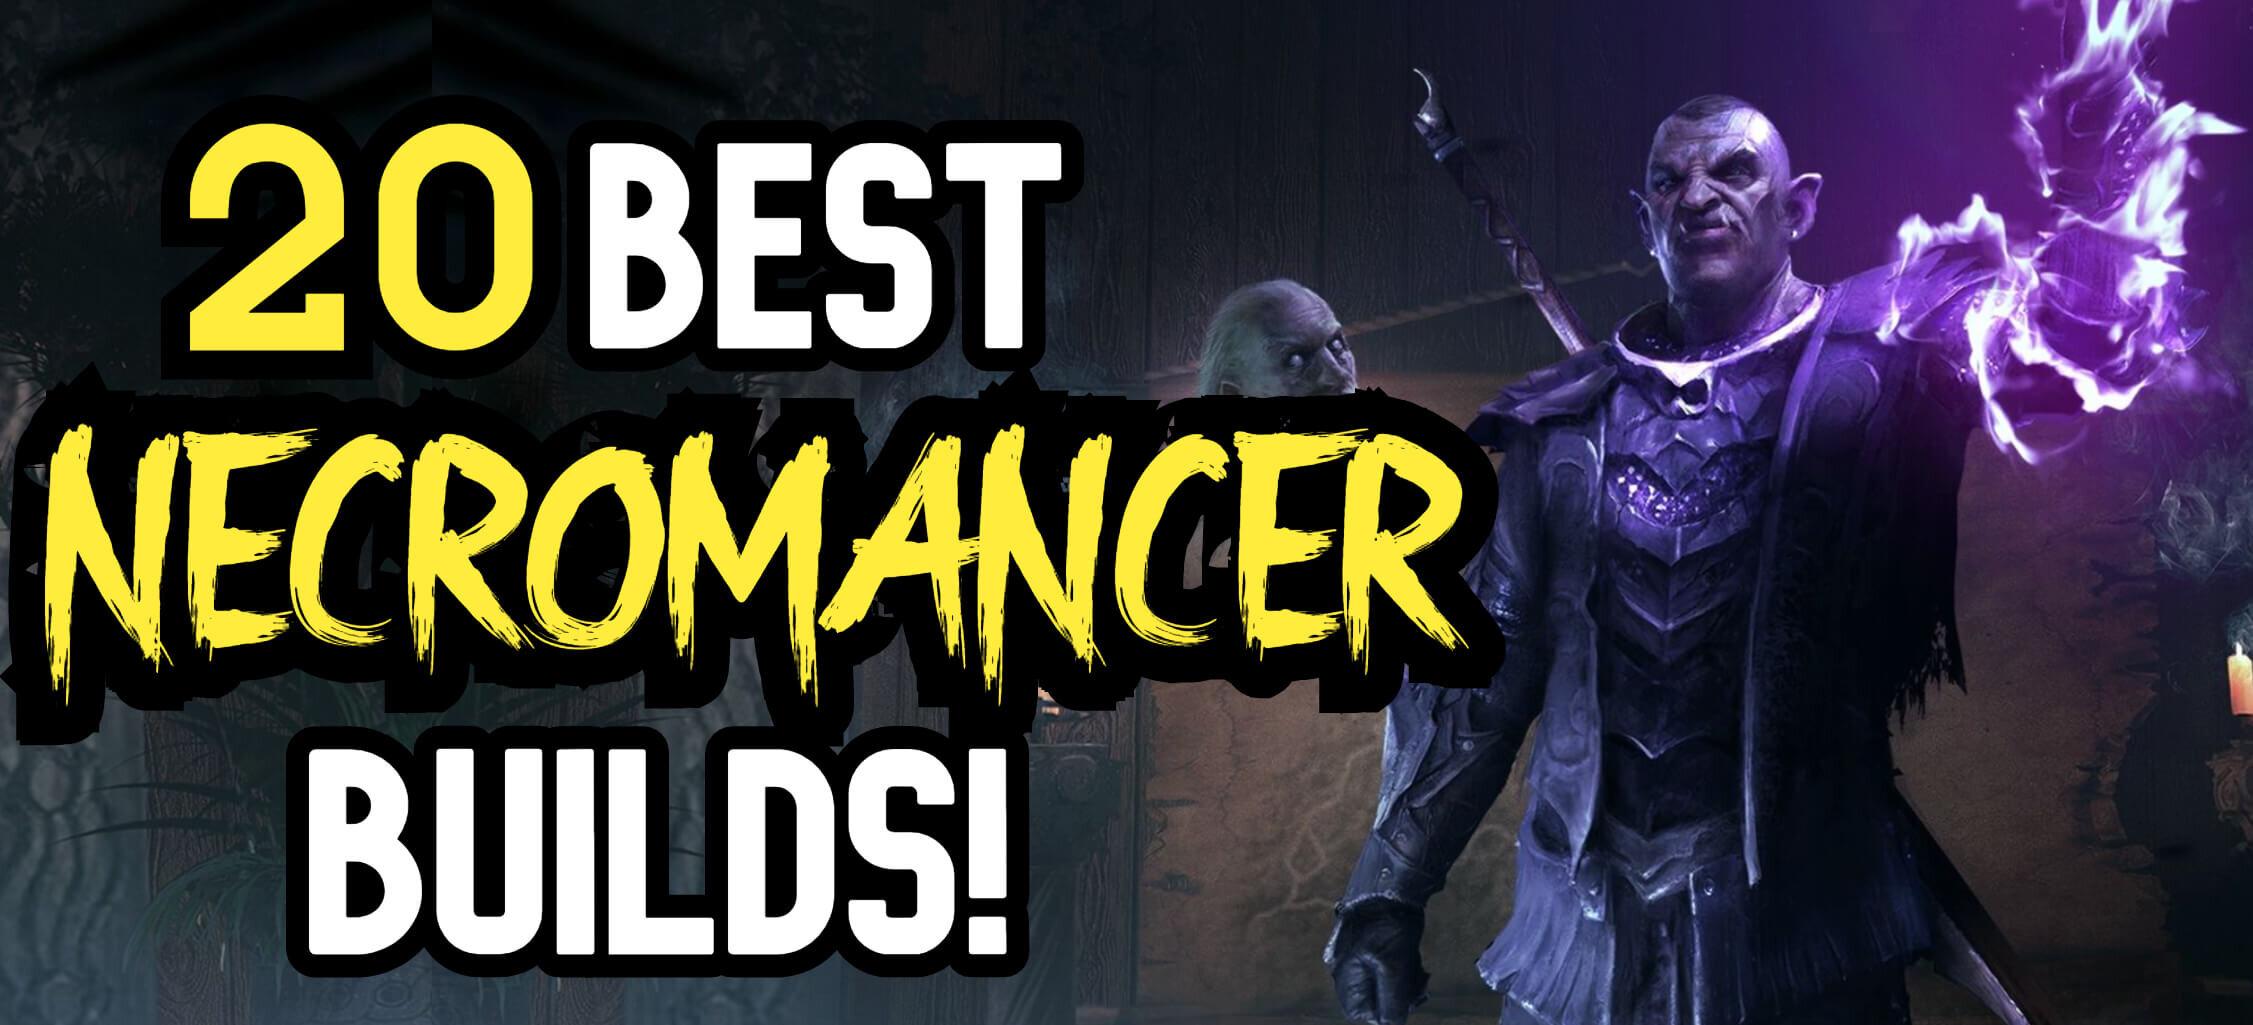 20-best-necromancer-builds (1).jpg